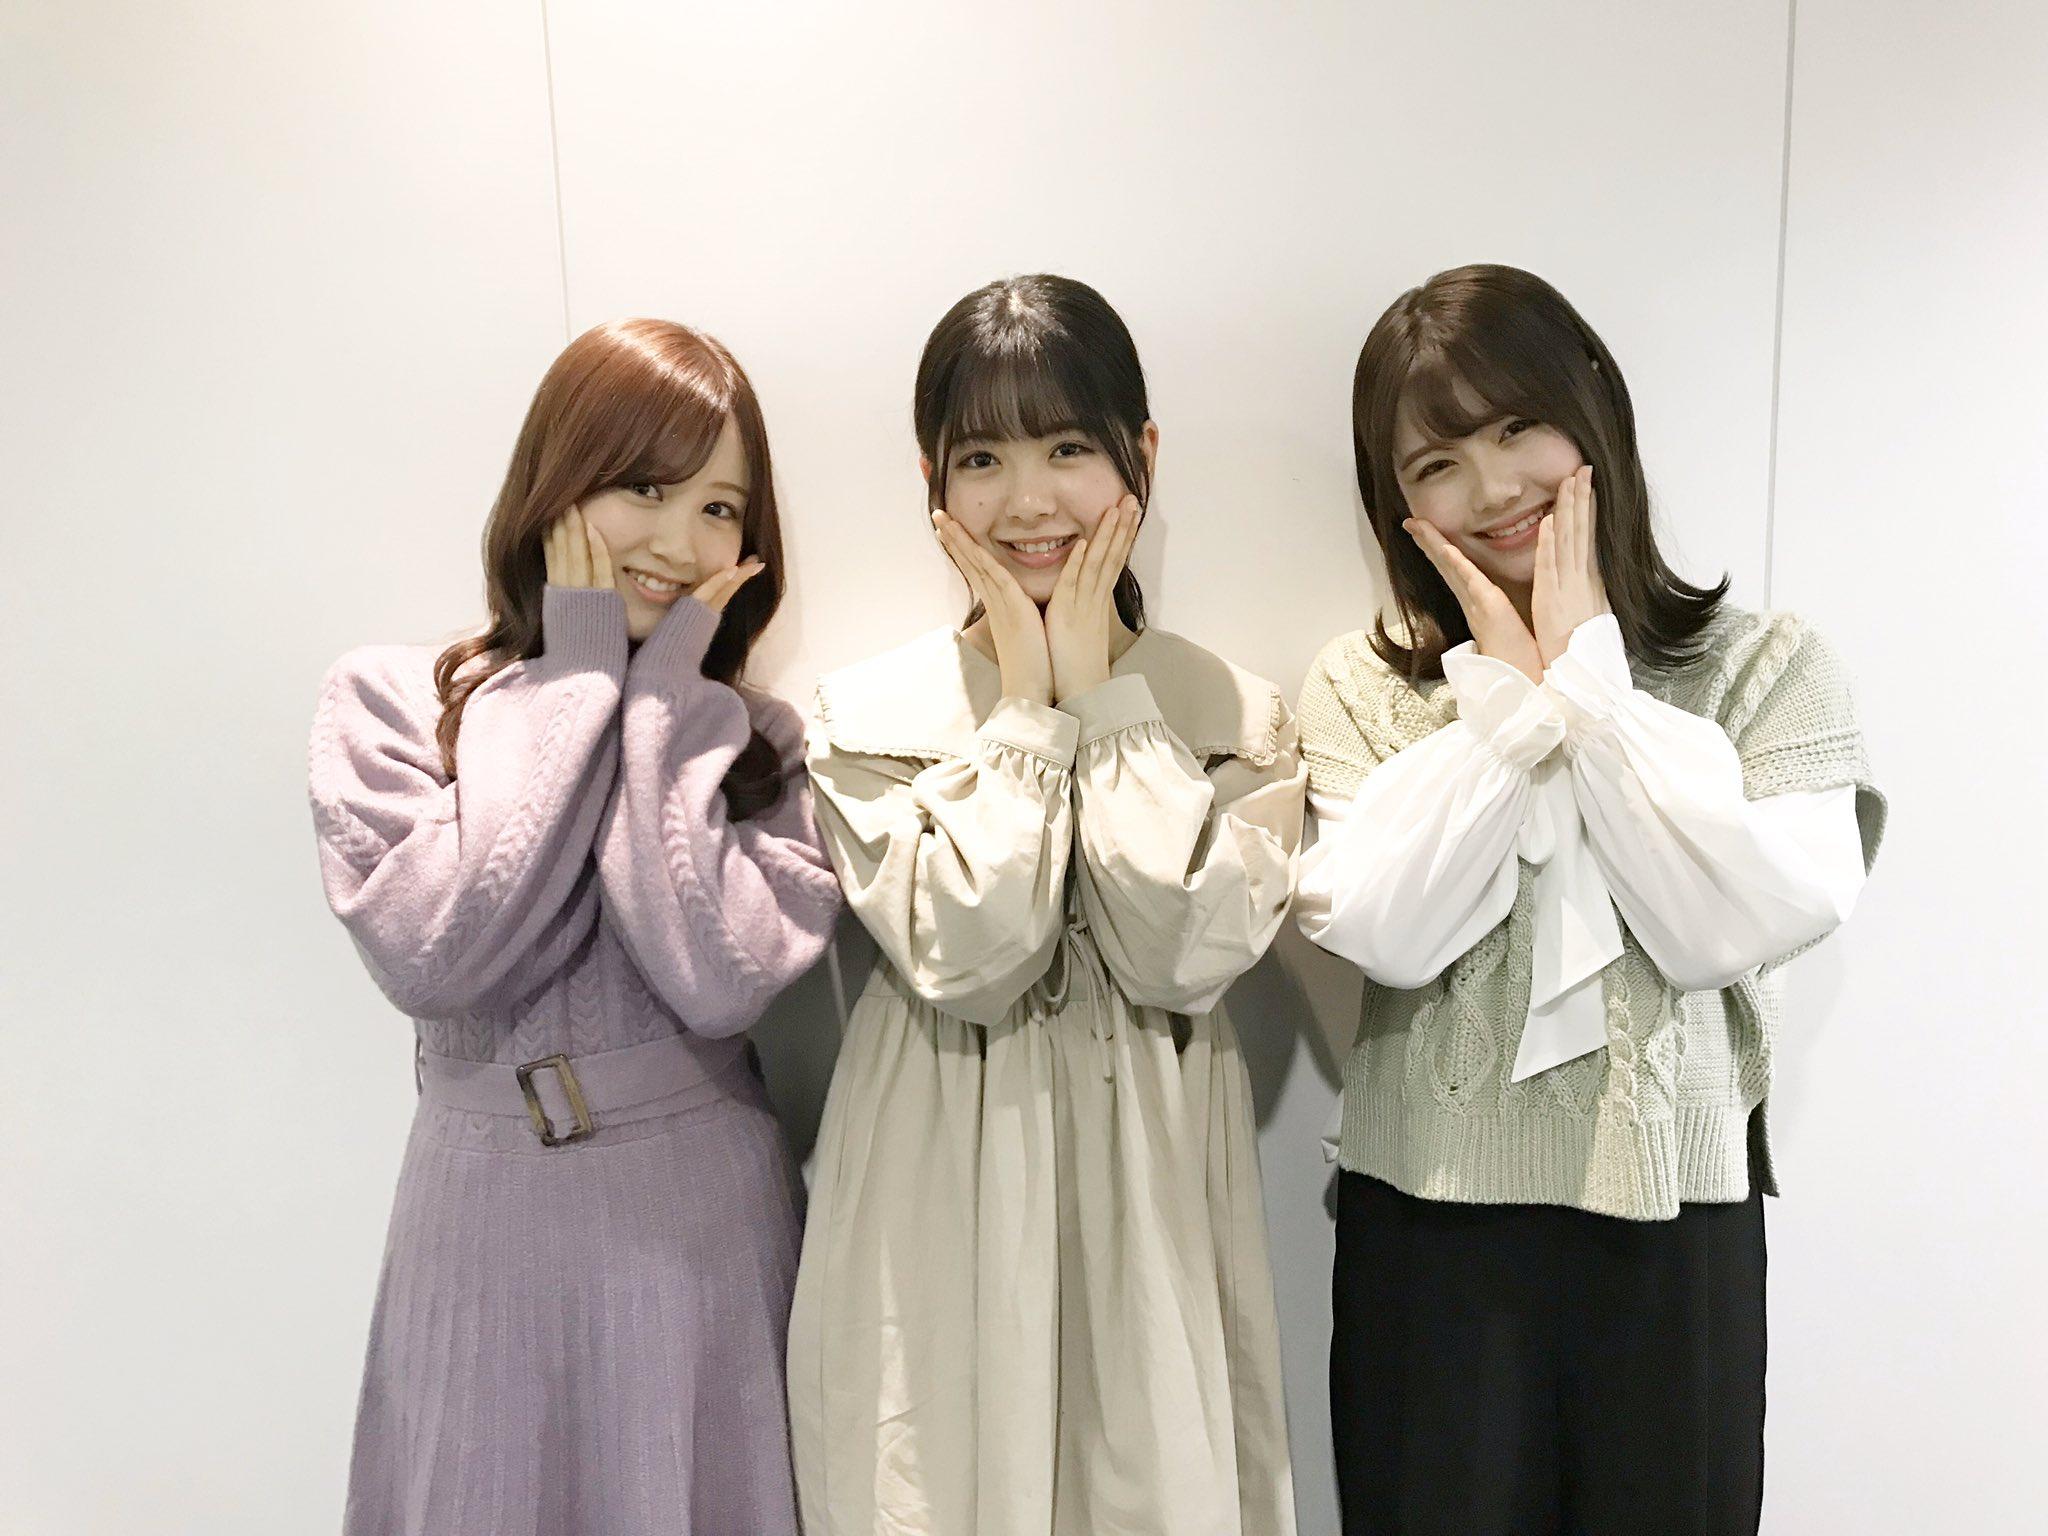 乃木坂46の「の」 星野みなみ 筒井あやめ 伊藤理々杏